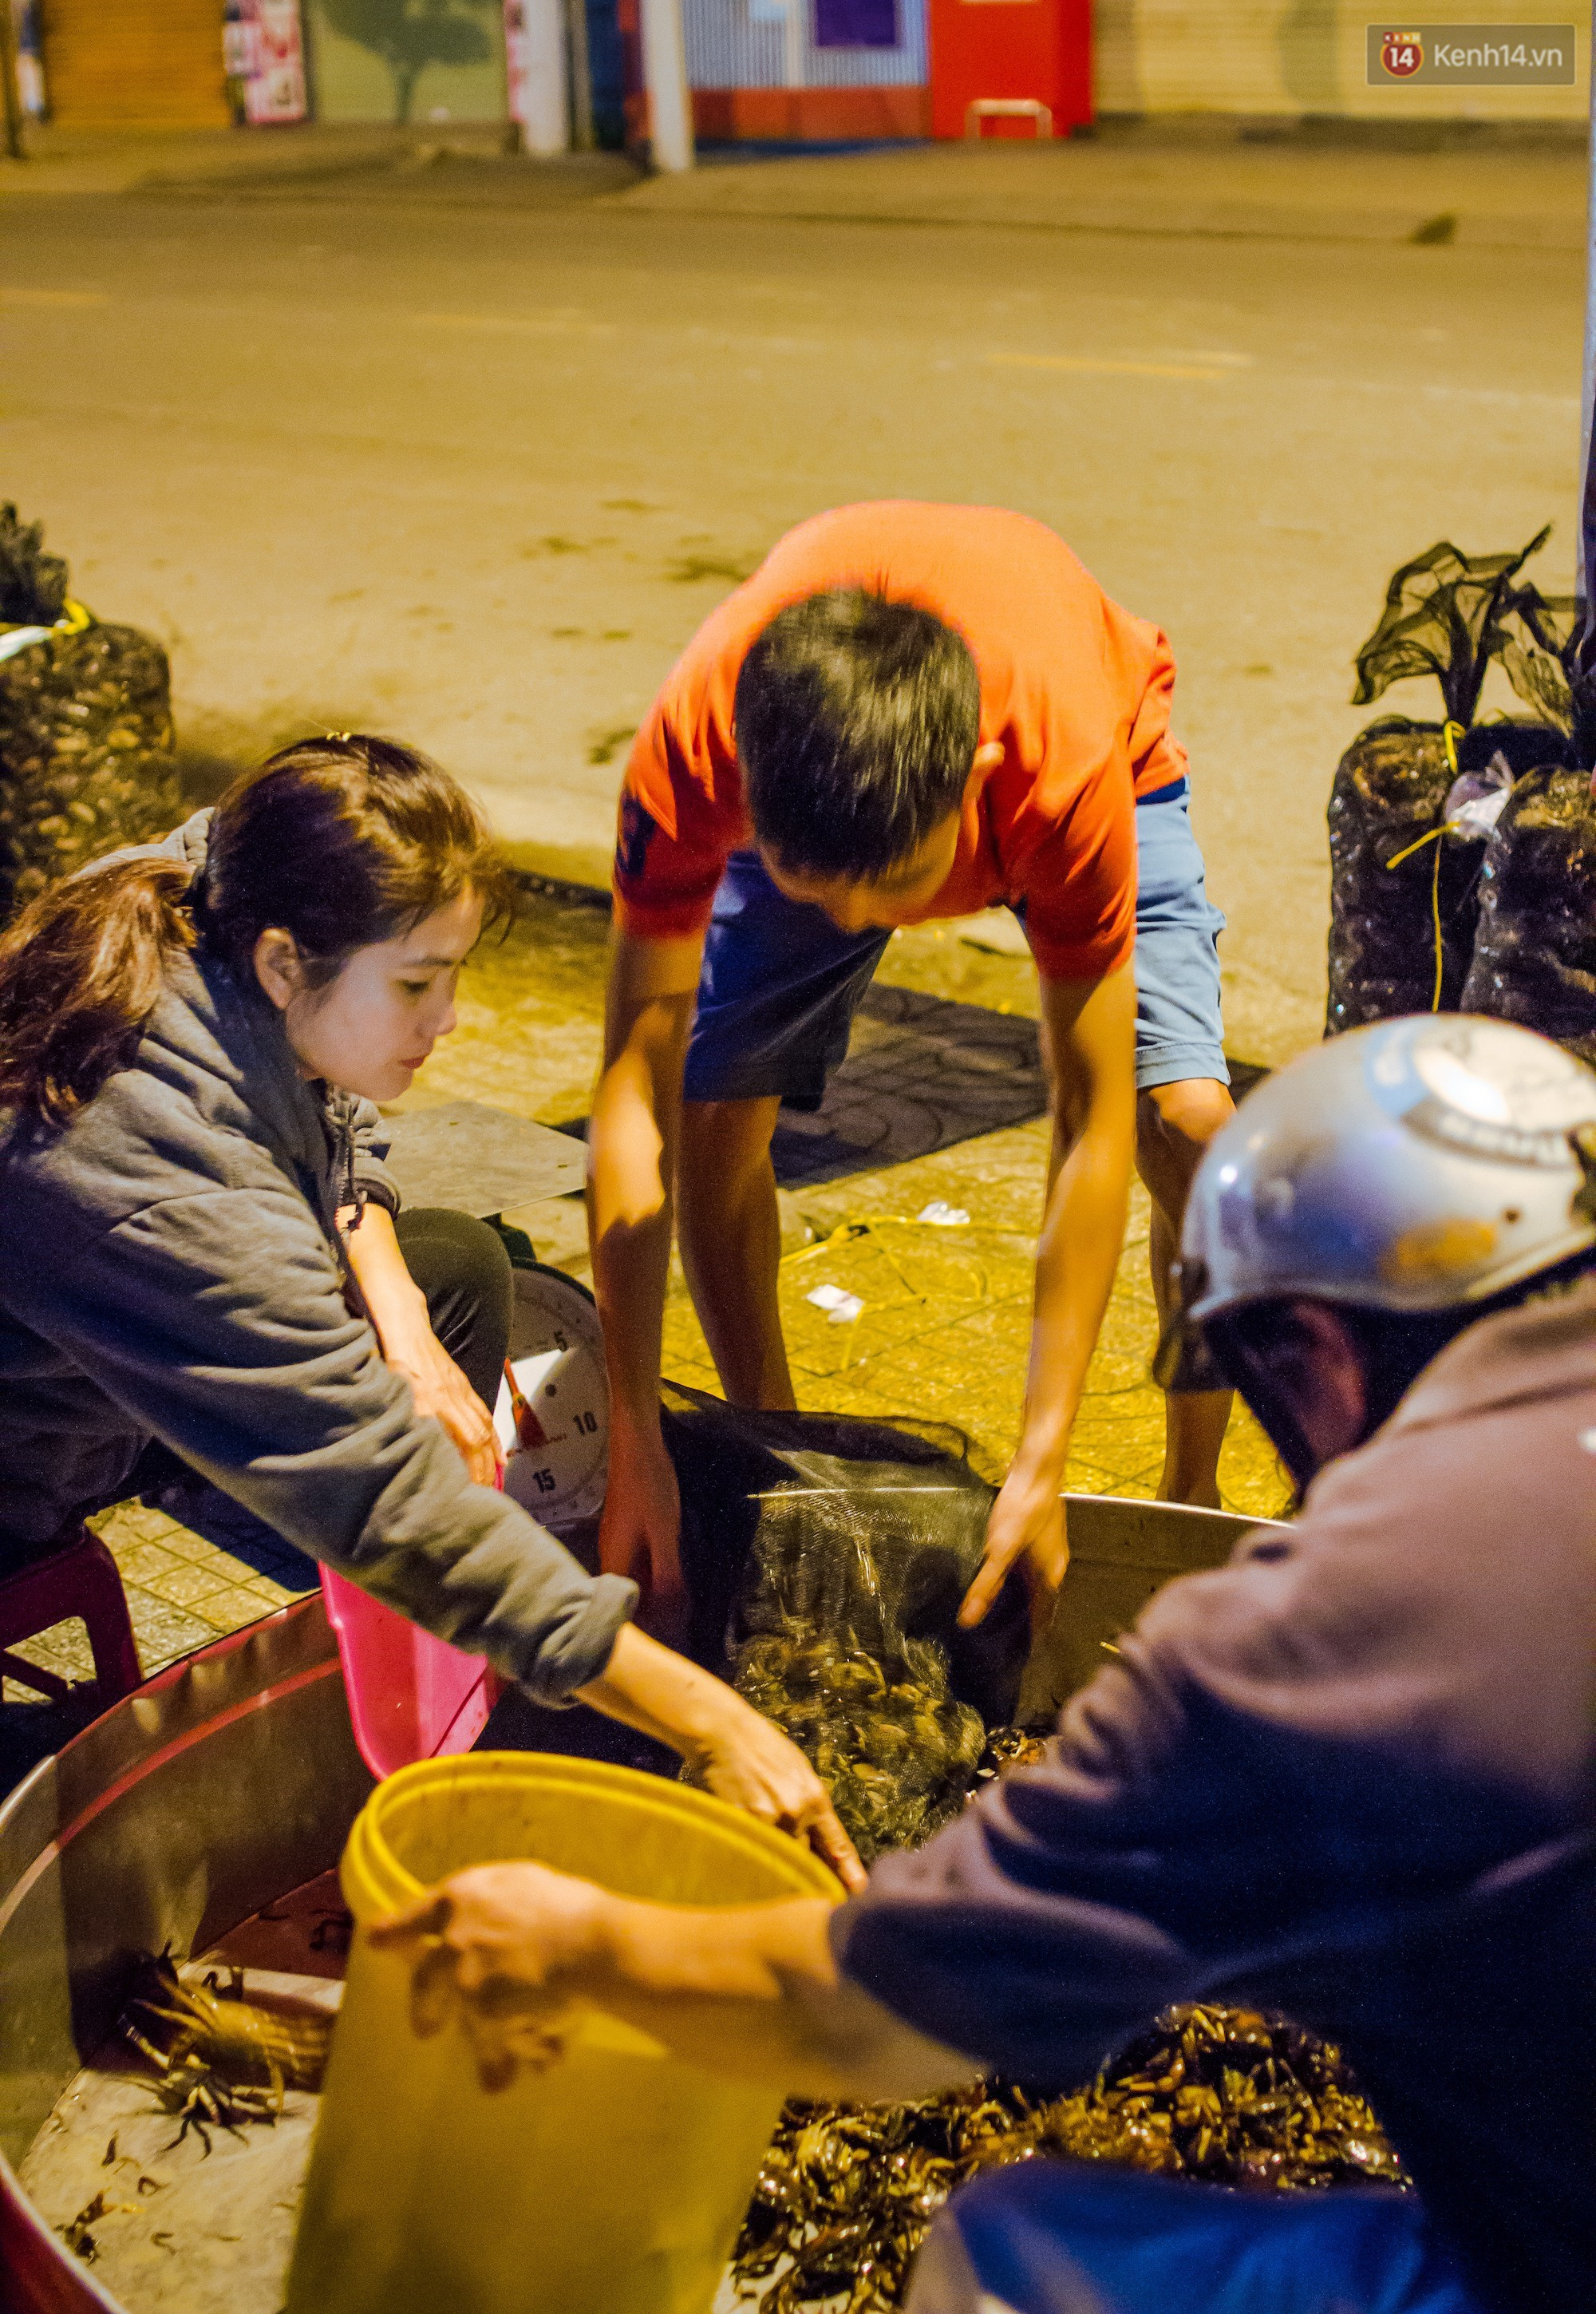 Chợ cua đặc biệt ở Sài Gòn: Suốt 50 năm chỉ tụ họp buôn bán lúc nửa đêm - Ảnh 9.